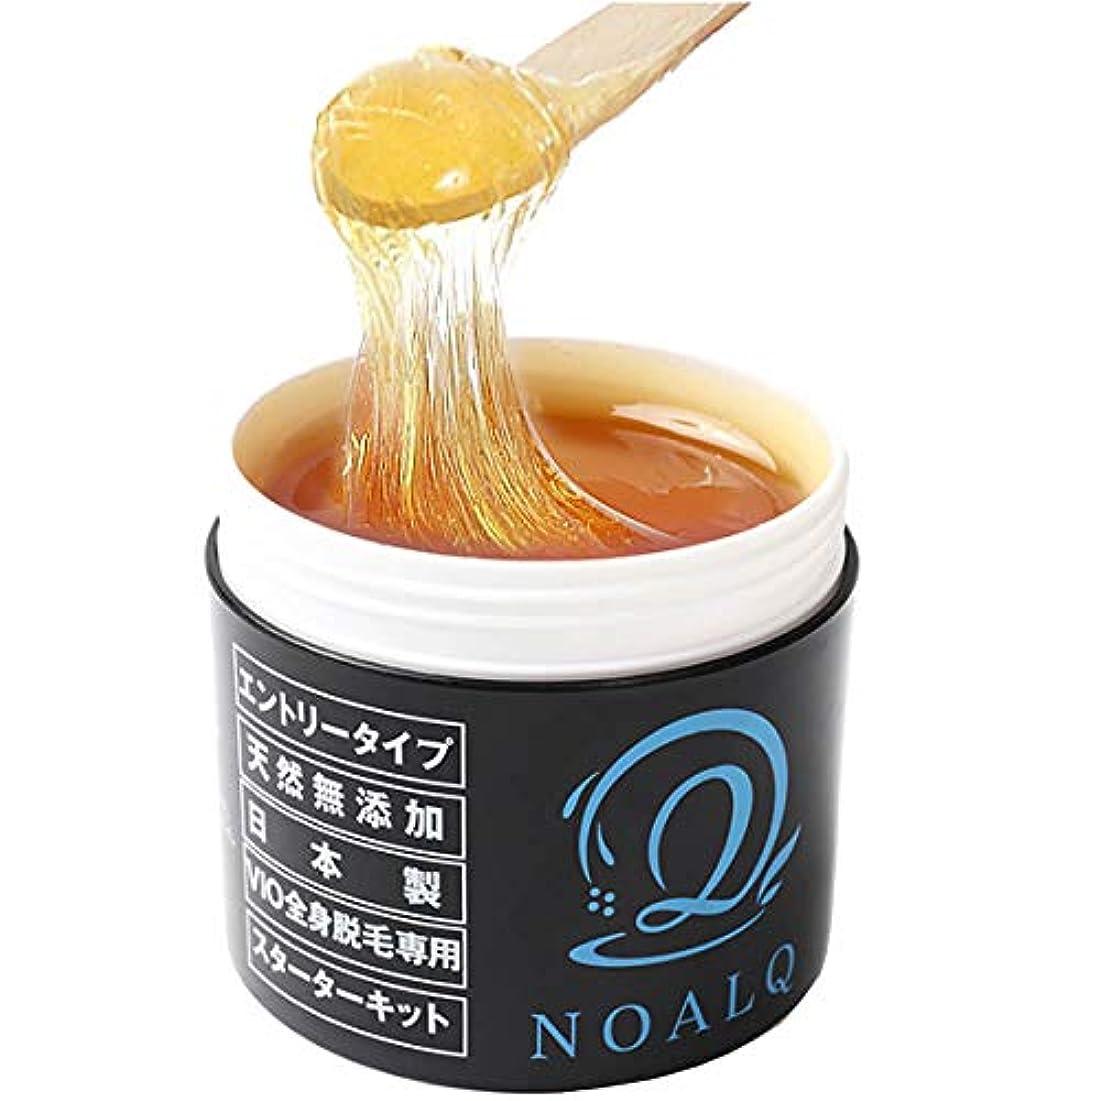 参加する挑発するエジプト人NOALQ(ノアルク) ブラジリアンワックス エントリータイプ 天然無添加素材 純国産100% VIO 全身脱毛専用 スターターキット